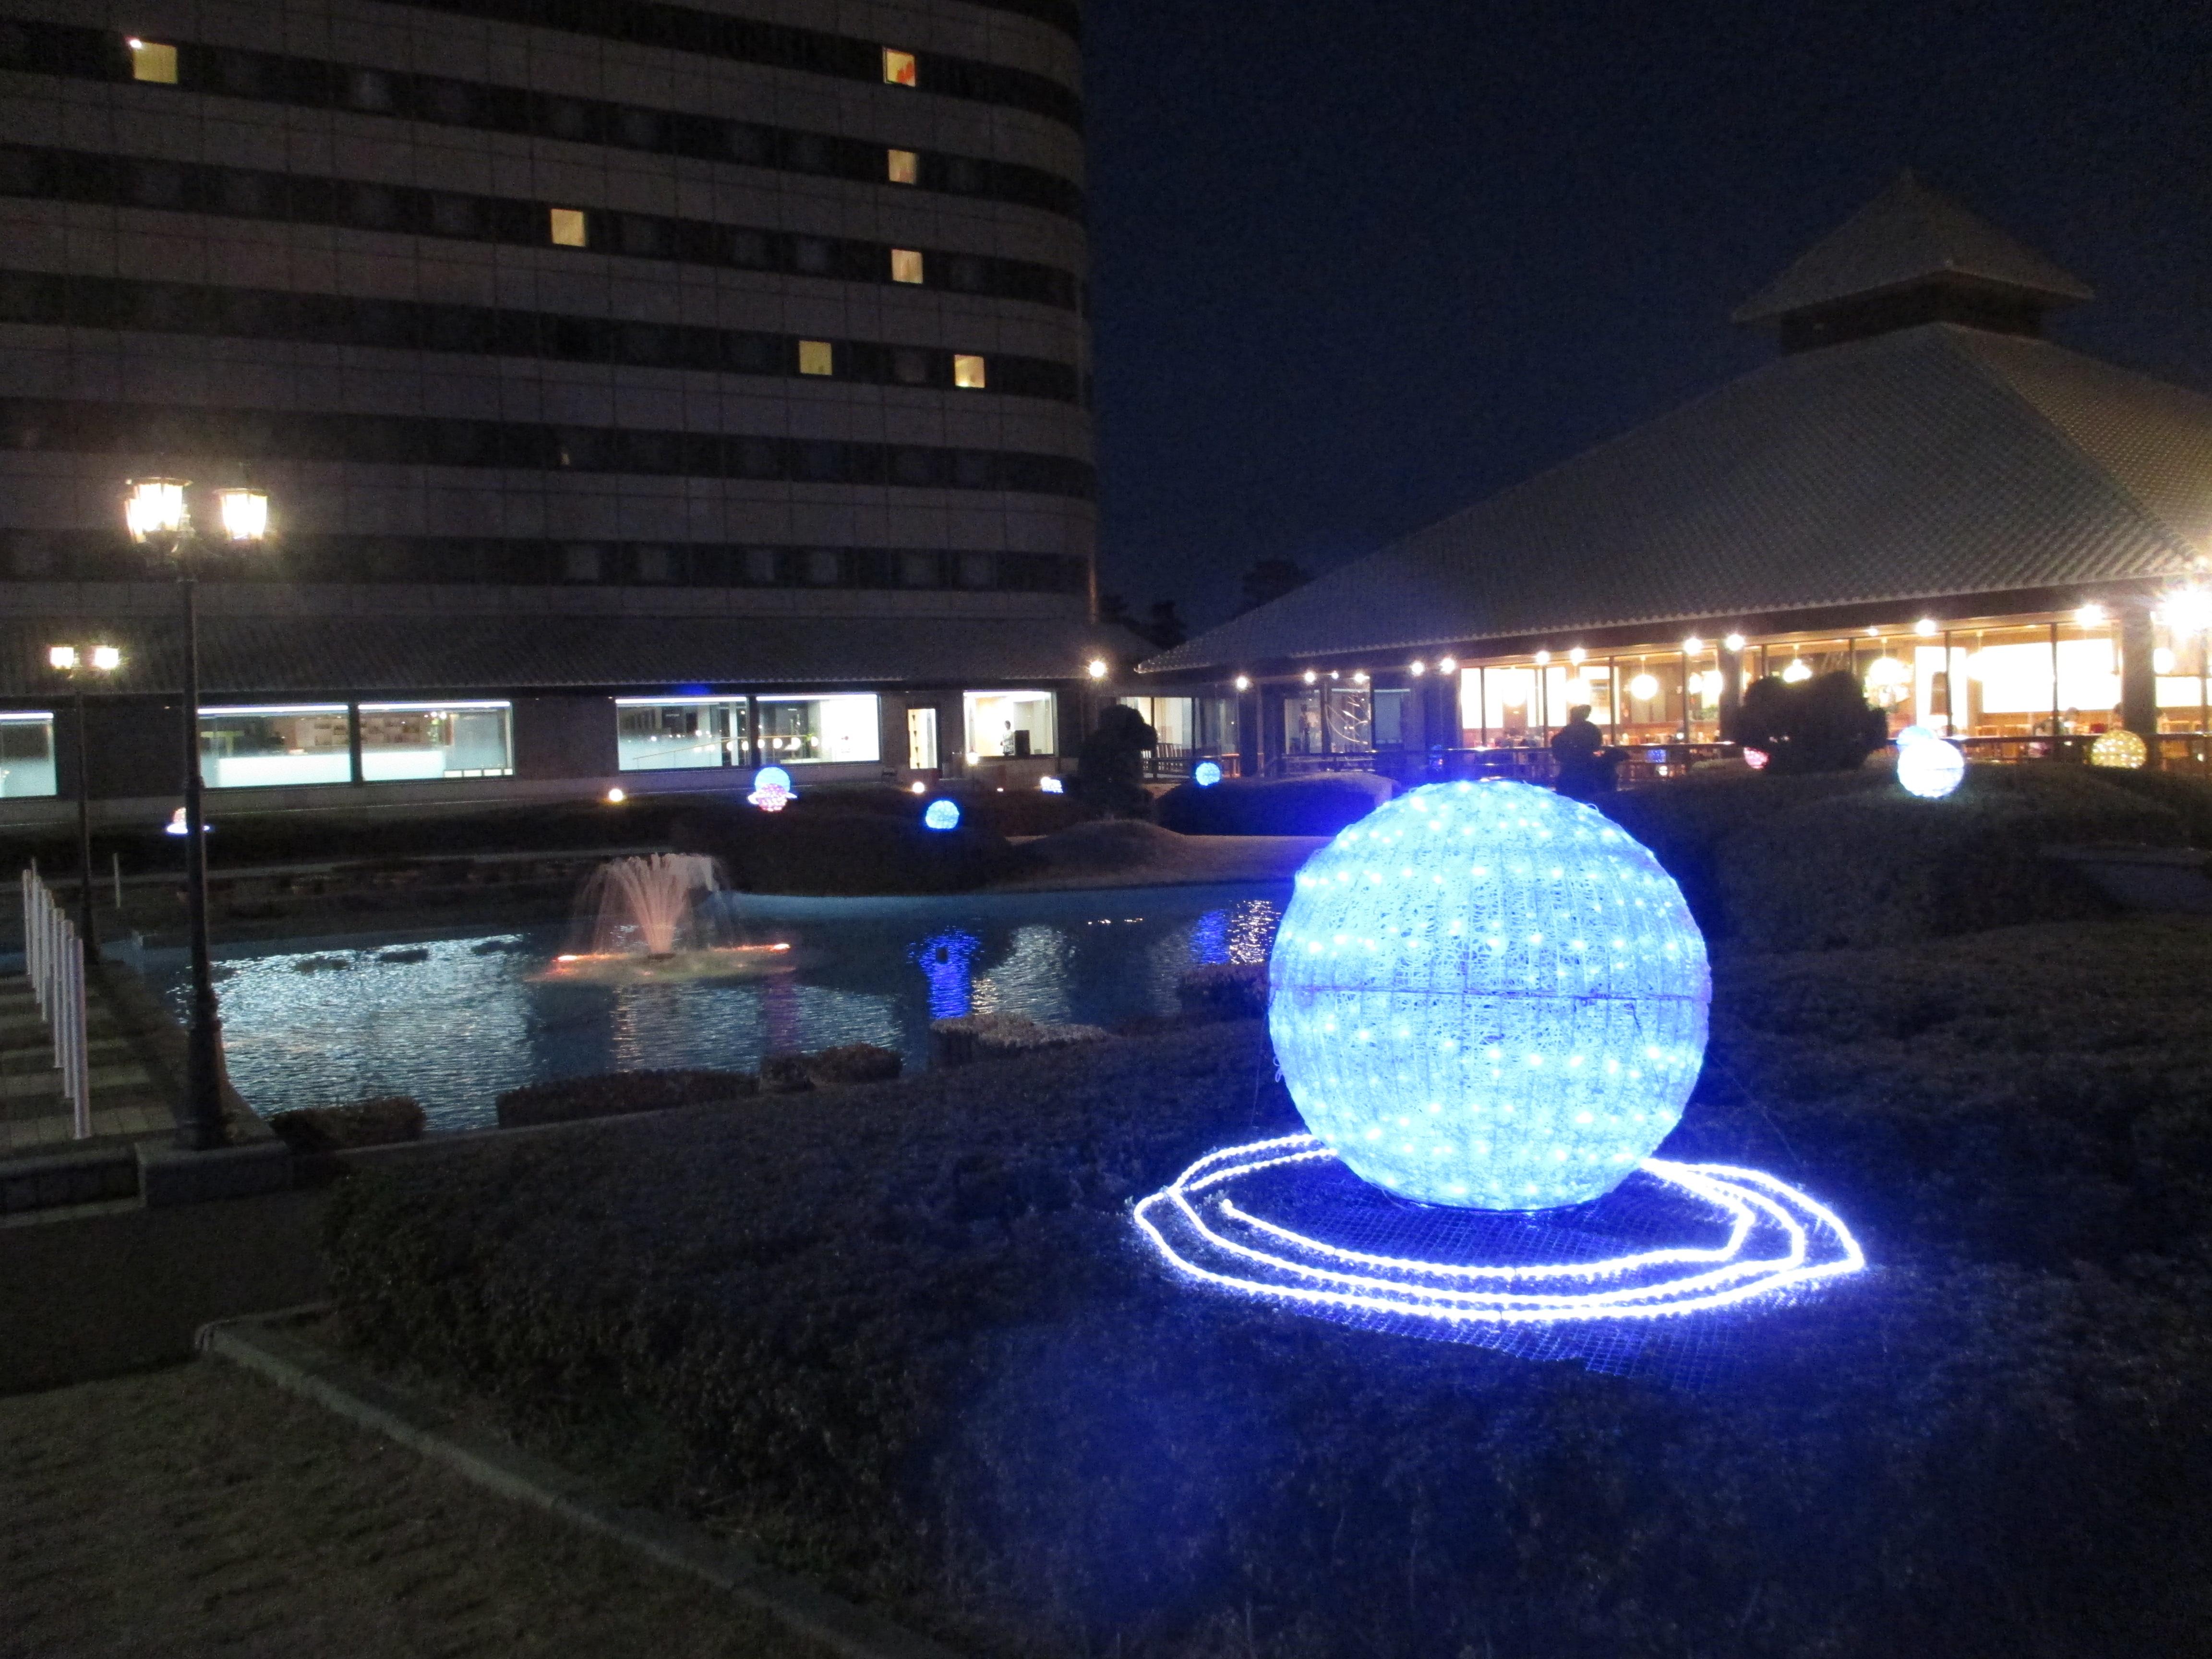 オフィシャるホテル-サンルートプラザ東京 | ディズニーリゾート攻略情報